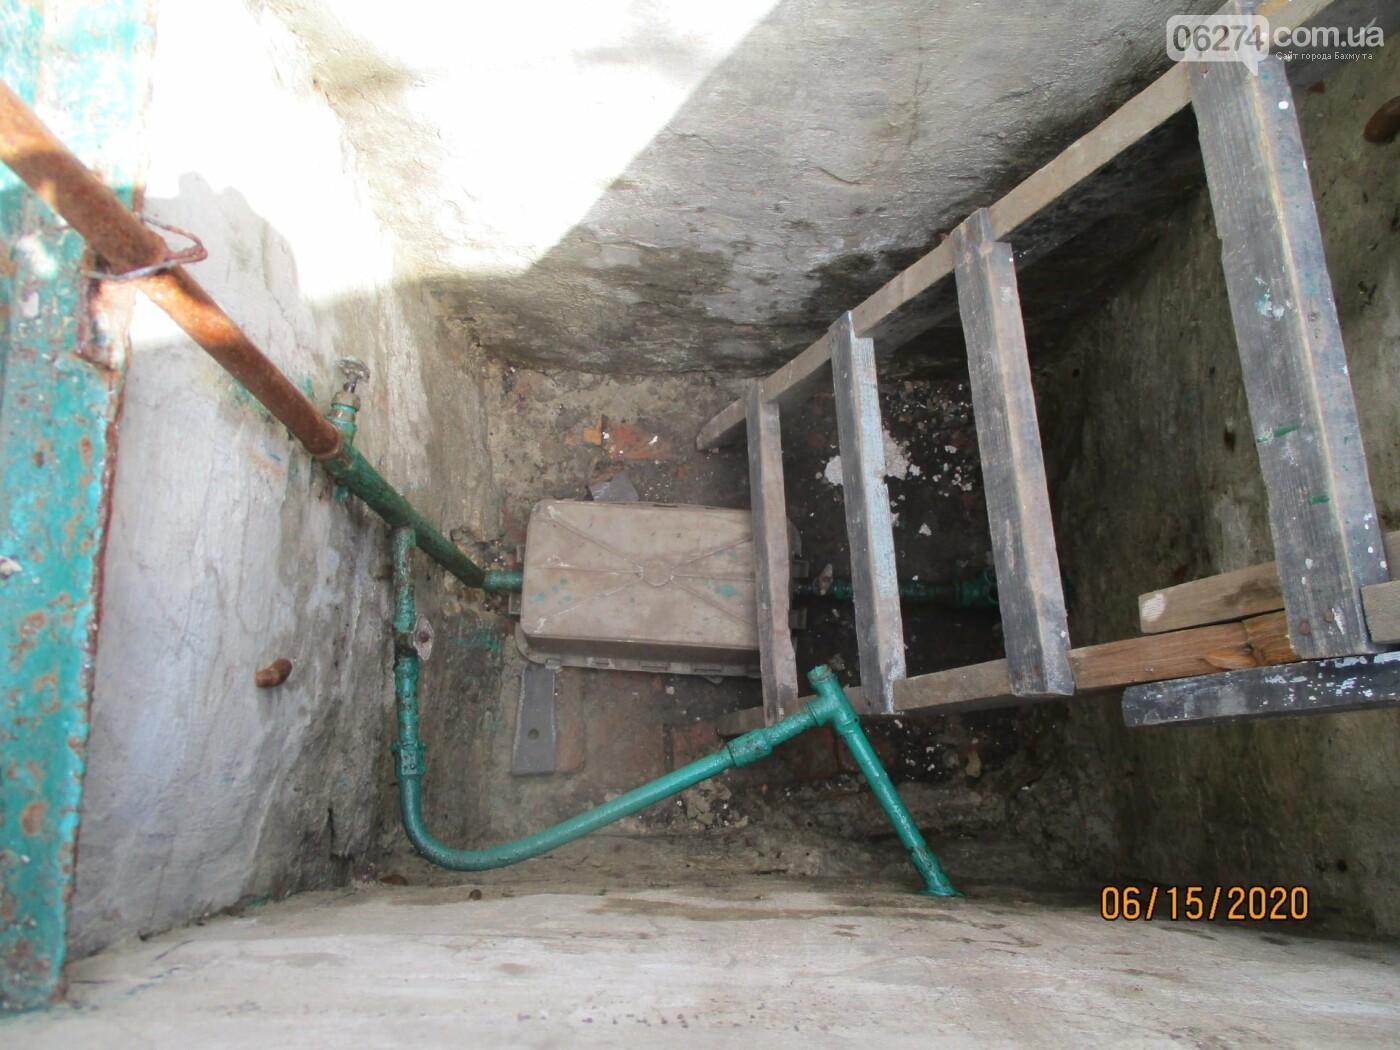 КП «Бахмут-Вода» опубликовало результаты исследования воды у потребителей, фото-1